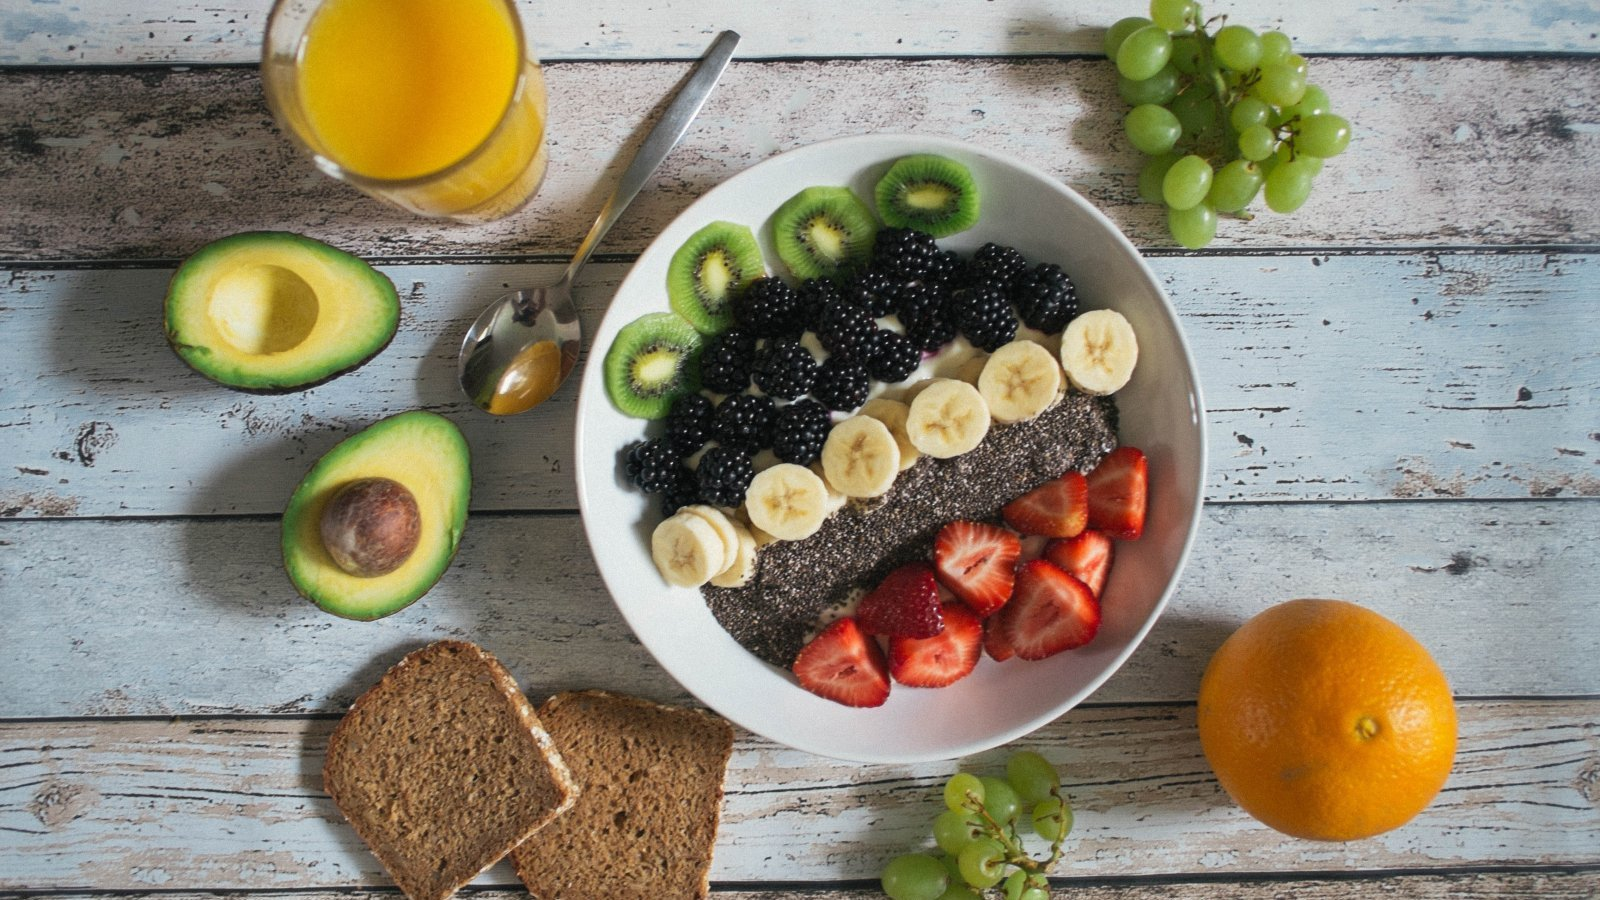 Desayuno ligero pero nutritivo para empezar el día.